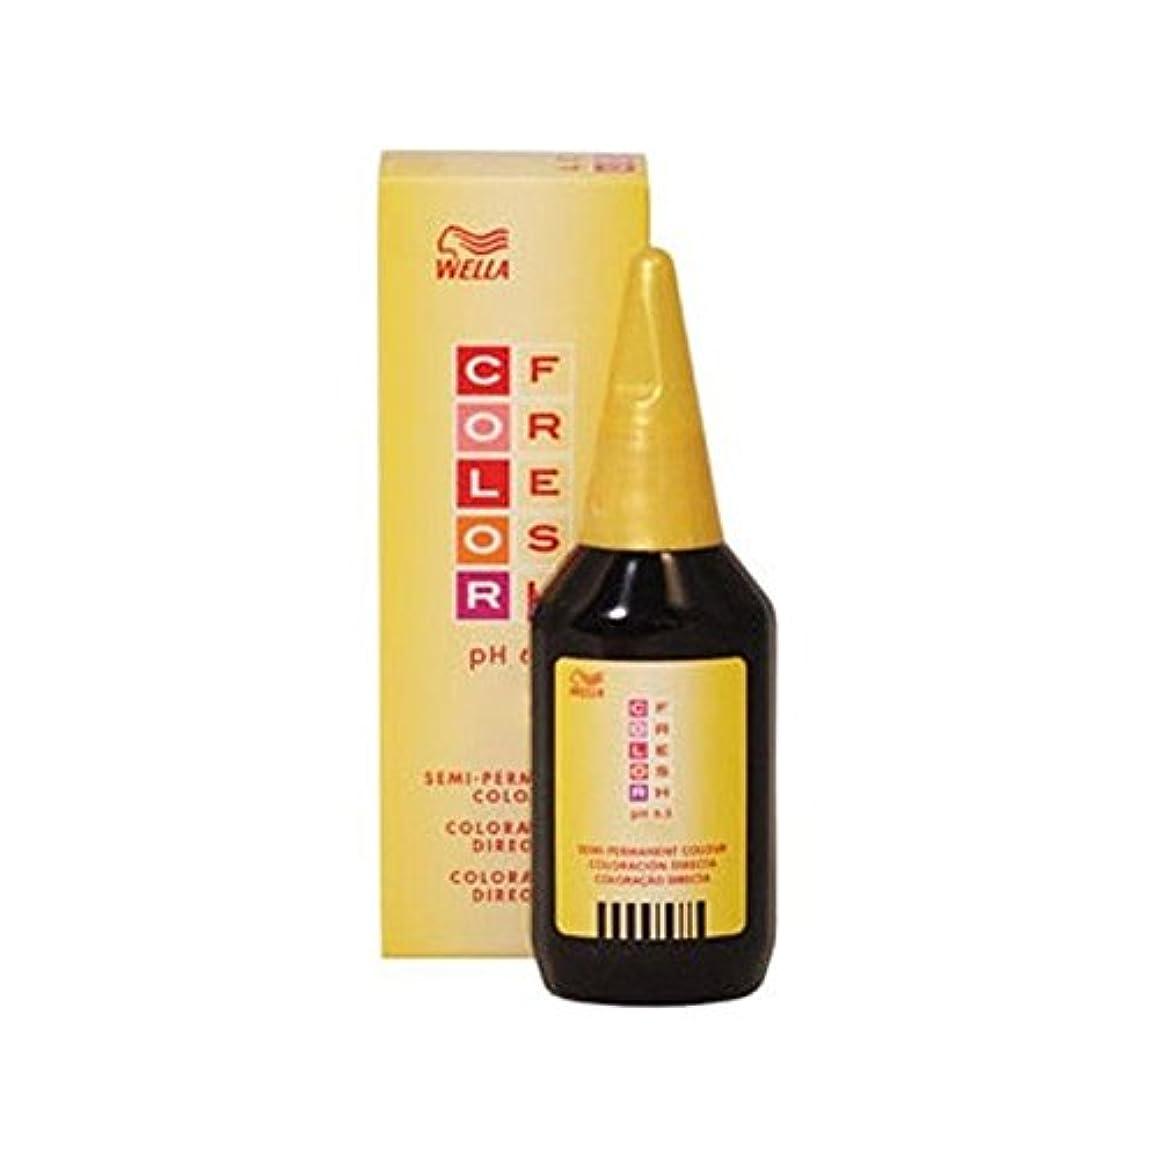 水曜日船尾十代の若者たちWella Color Fresh Light Red Brown 5.4 (75ml) (Pack of 6) - ウエラ色新鮮光赤褐色5.4(75ミリリットル) x6 [並行輸入品]